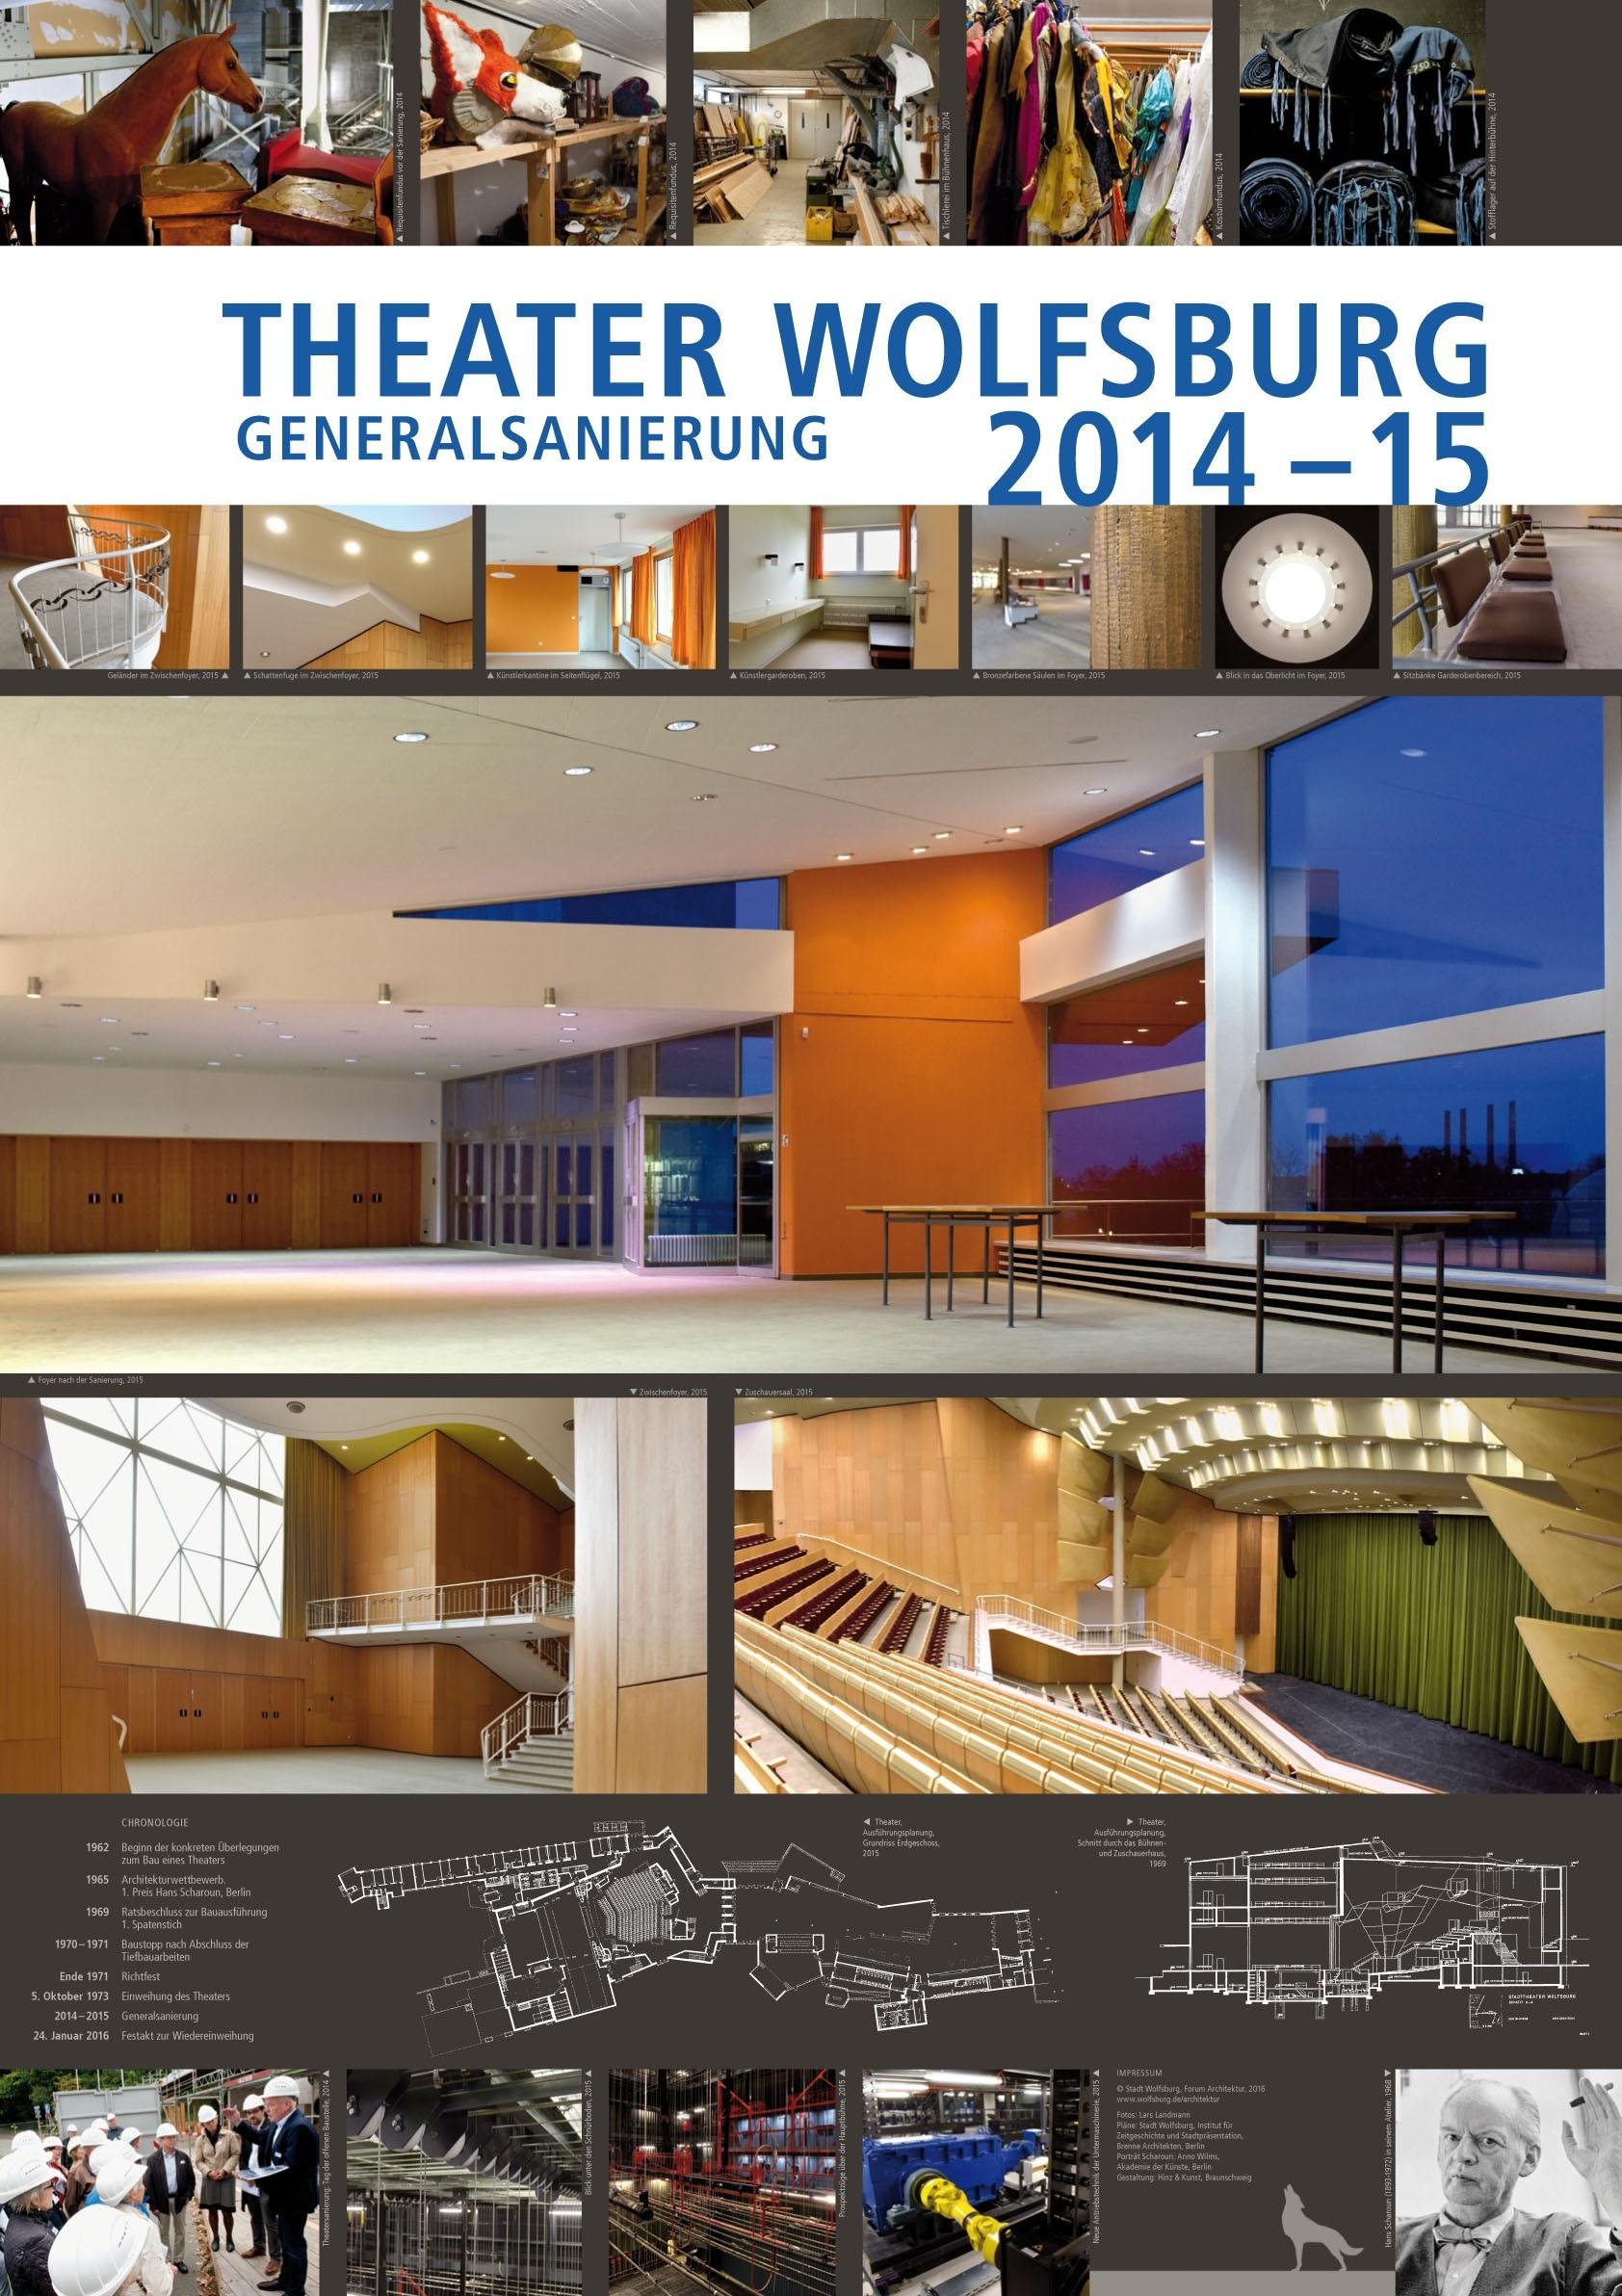 Architekt Wolfsburg architekt wolfsburg stadtwerke wolfsburg ag wolfsburg stdtebau